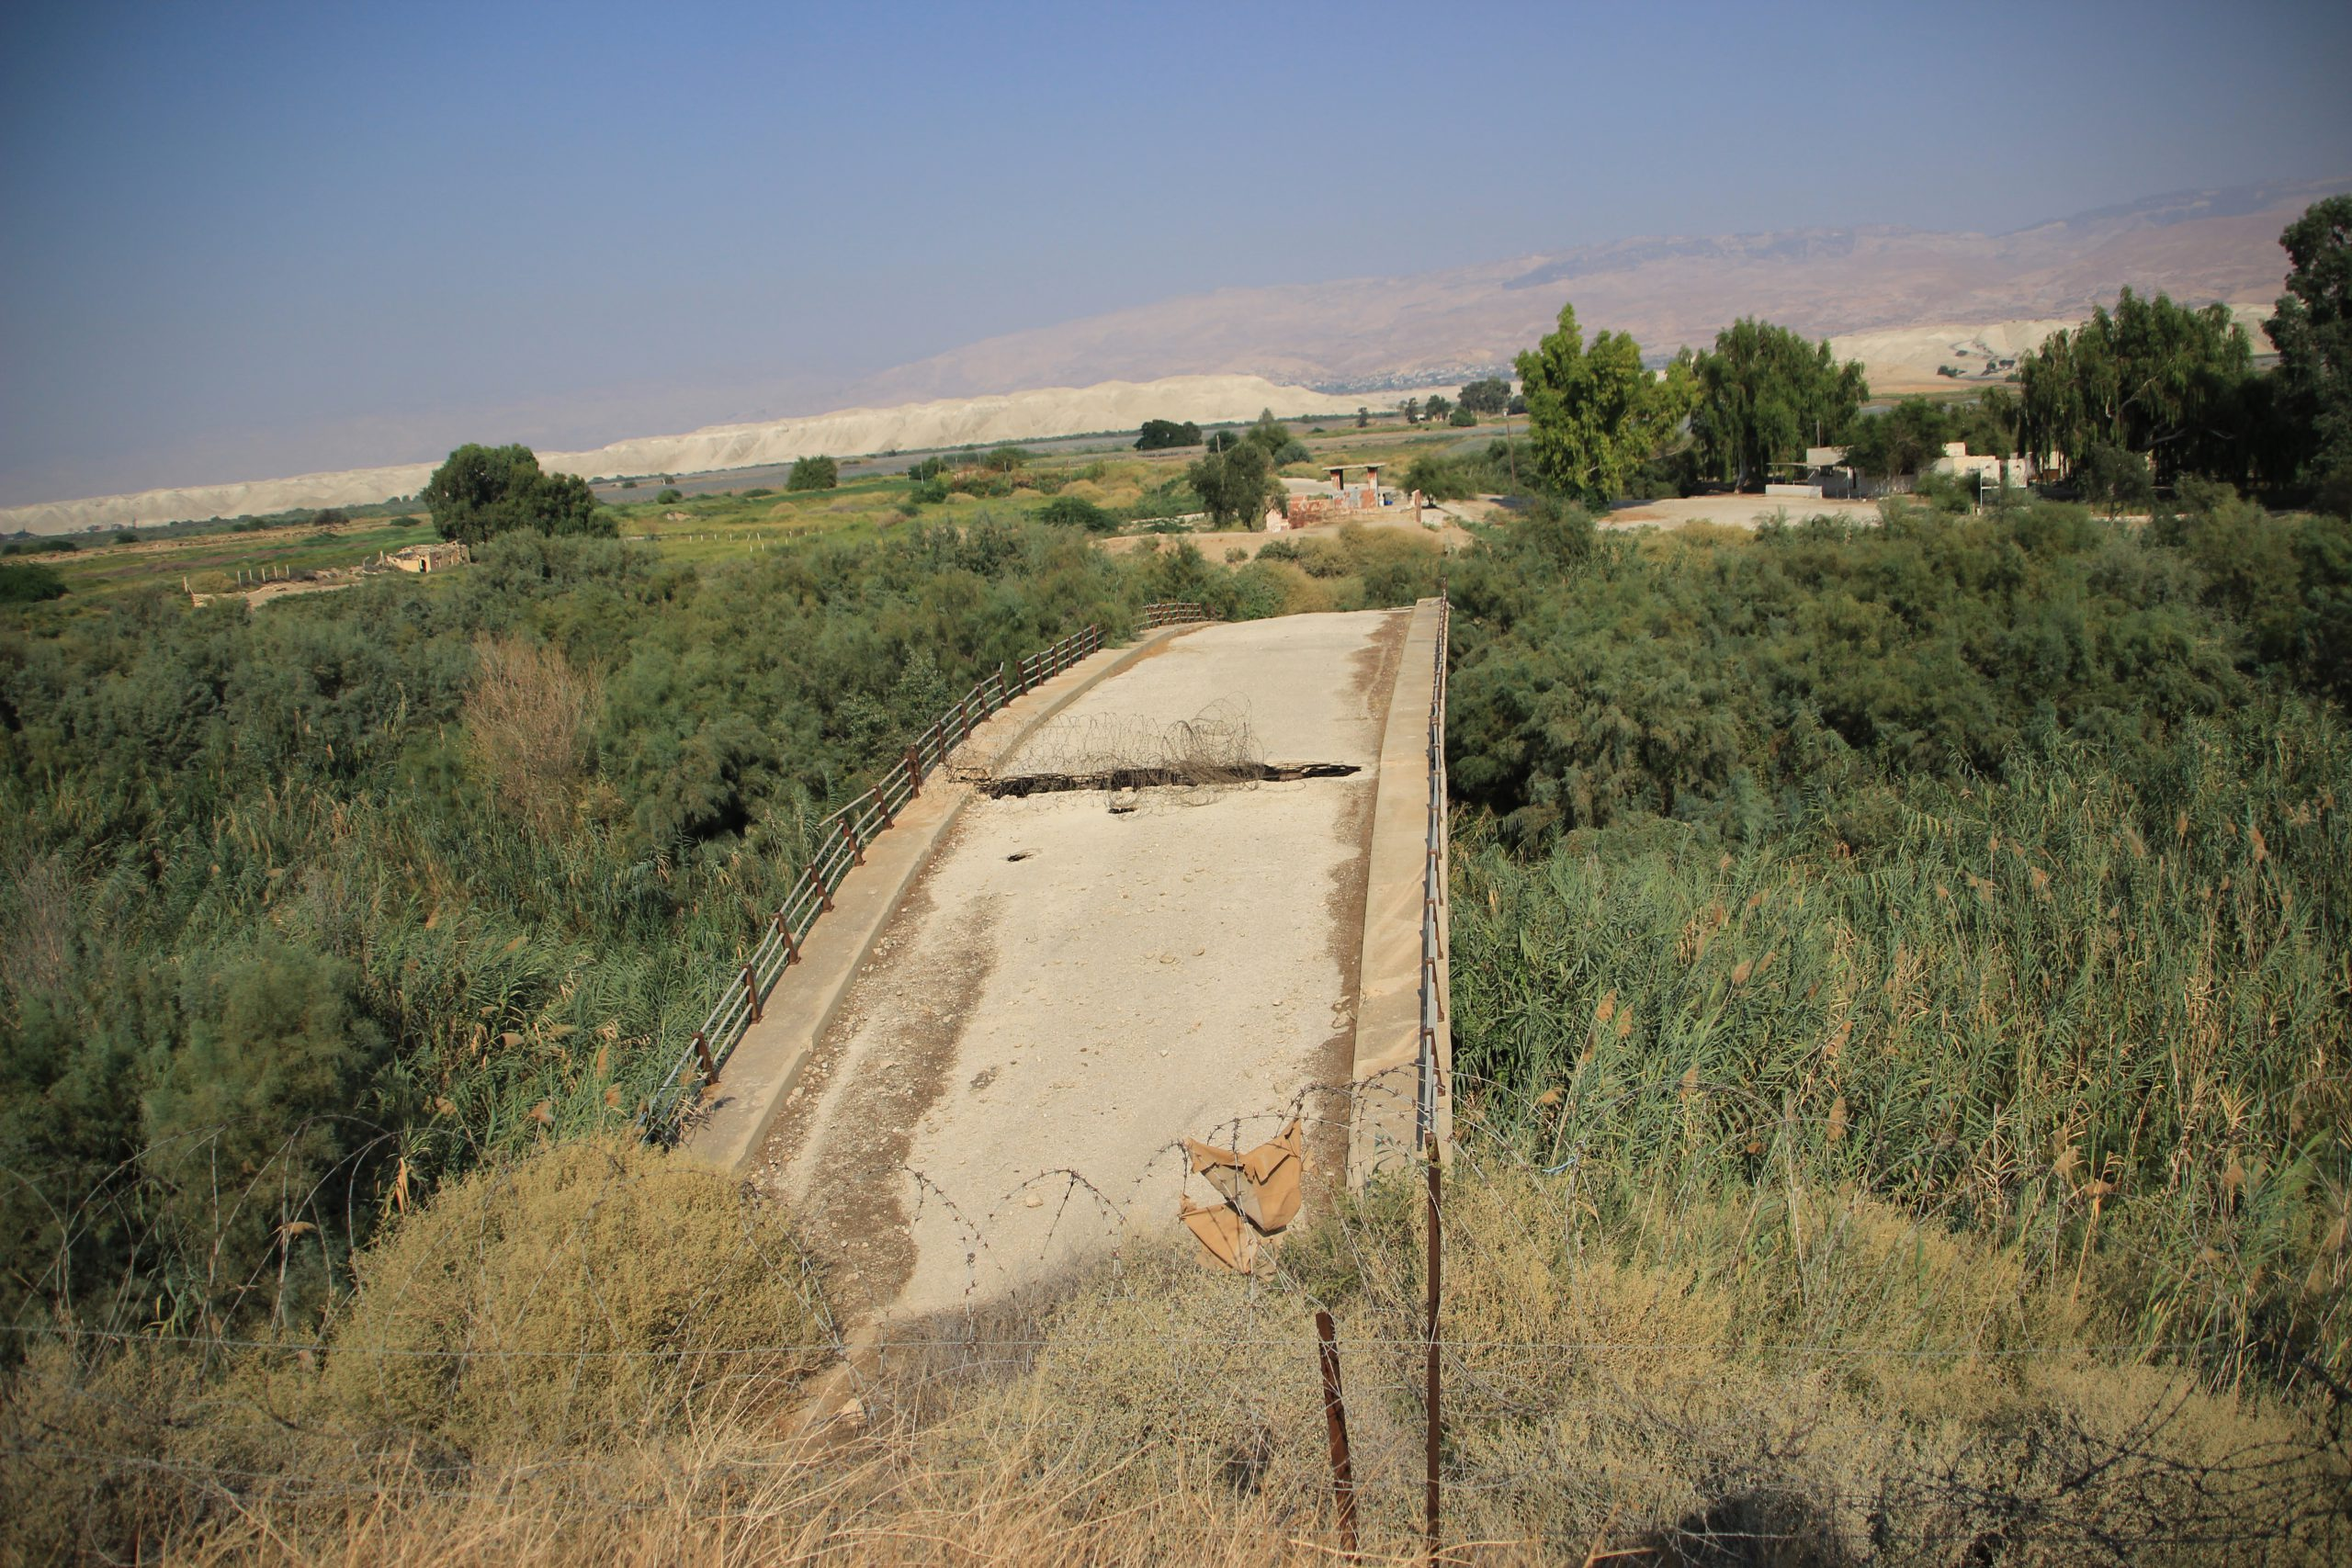 סיור צפרות בבקעת הירדן